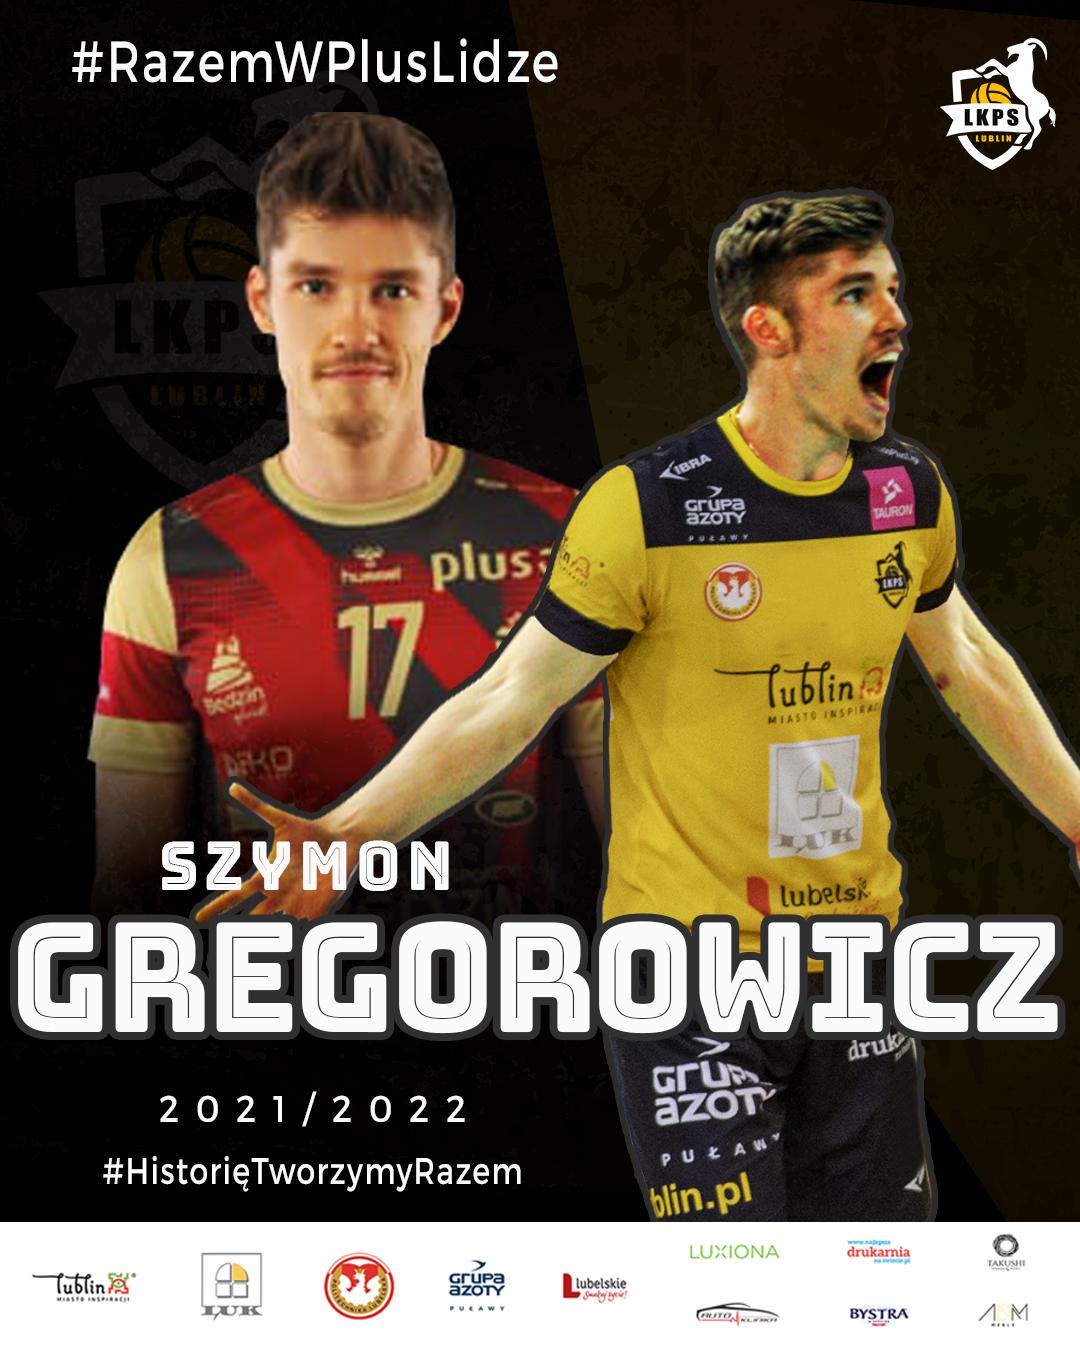 Szymon Gregorowicz nowym zawodnikiem LUK Politechniki Lublin